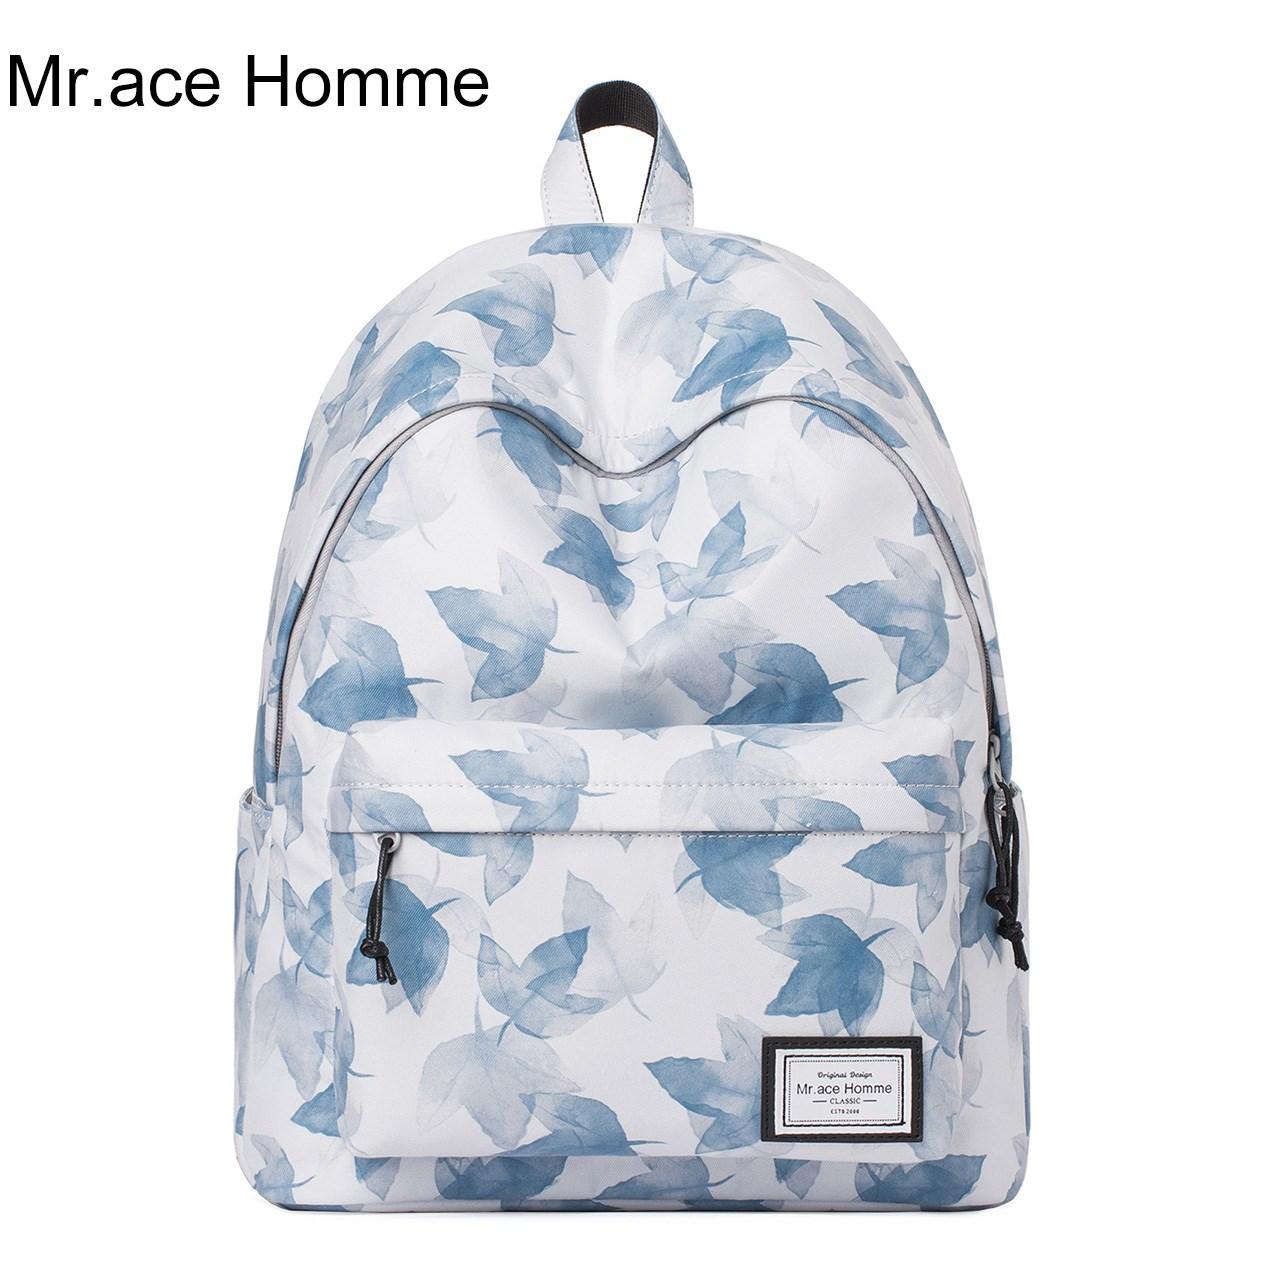 可爱简约Mr.ace Homme背包双肩包学生时尚新款书包大容量诚信家居